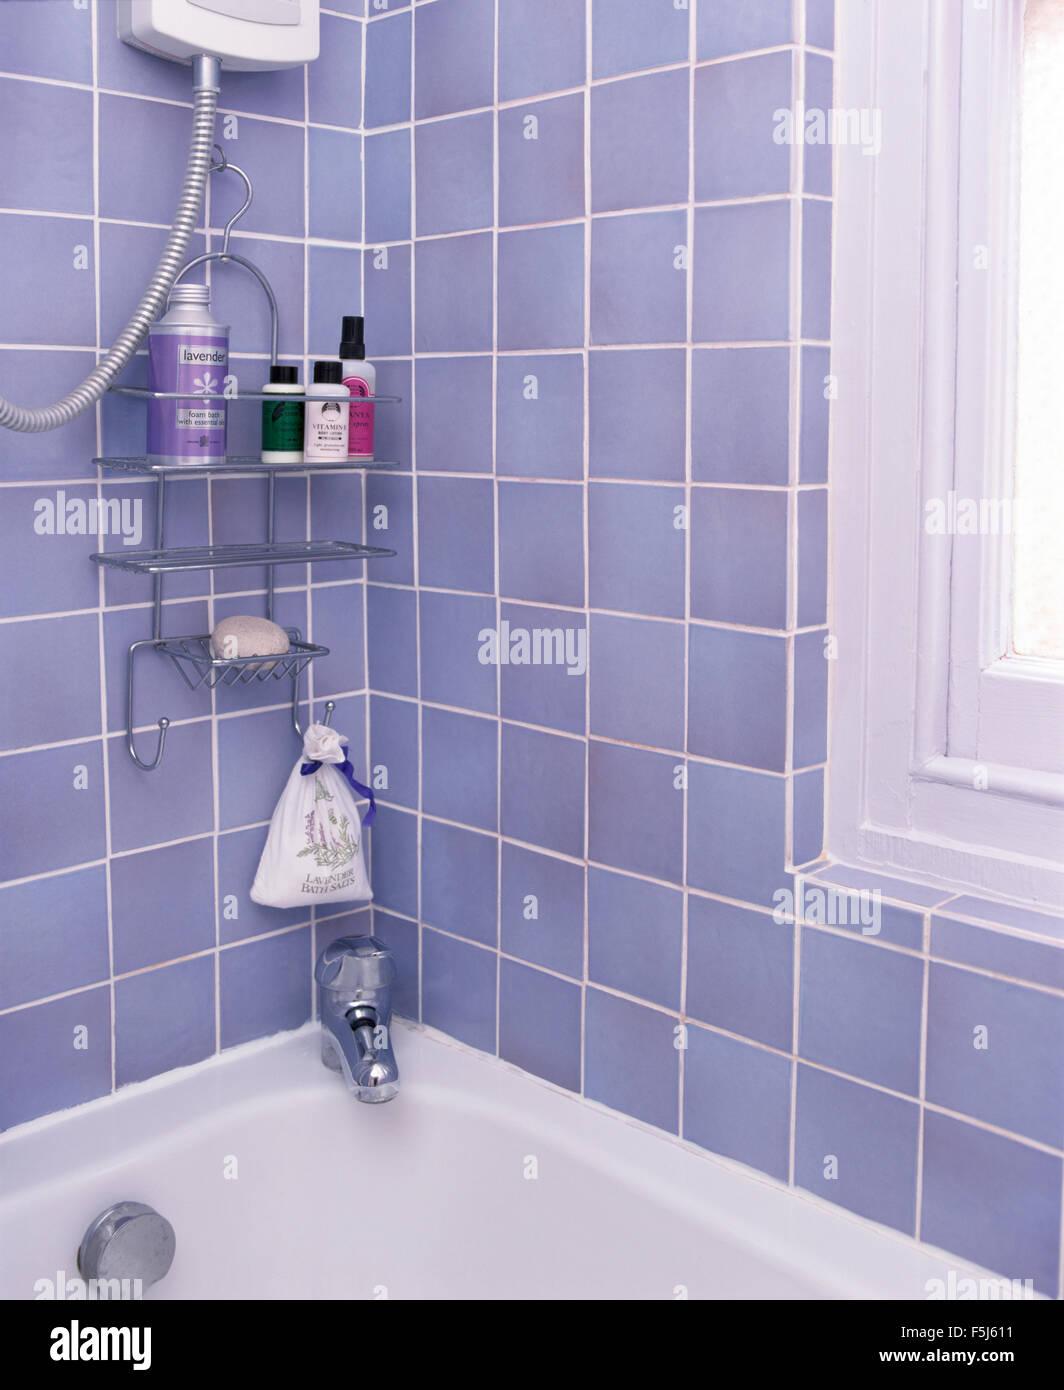 Blaue Fliesen Mit Ein Kleinen Edelstahl Regal über Bad In Einer